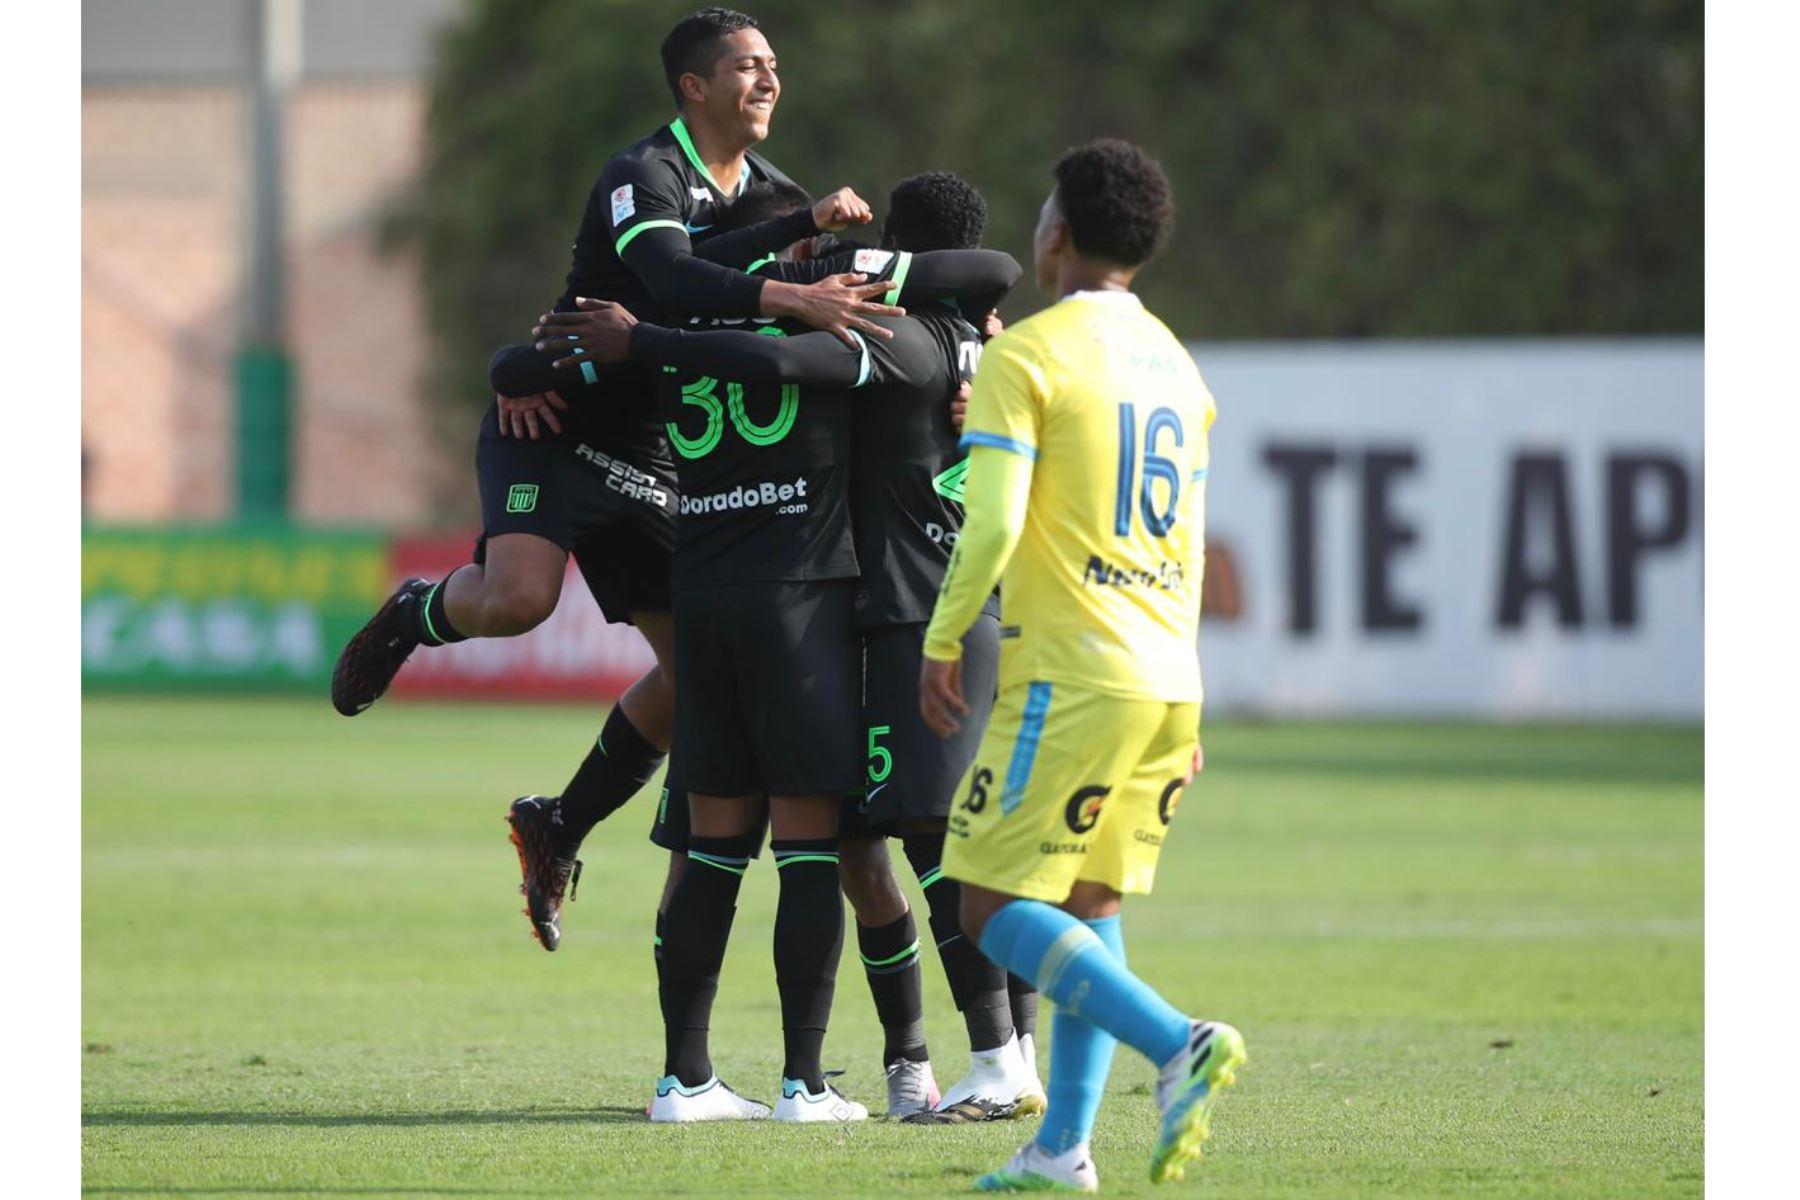 El futbolista Miguel Cornejo  de Alianza Lima , celebra su gol anotado ante el club Carlos Stein  , durante el partido por la fecha 14 de la Liga 1 del Torneo Apertura 2020, en la Videna FPF.  Foto: @LigaFutProfdel